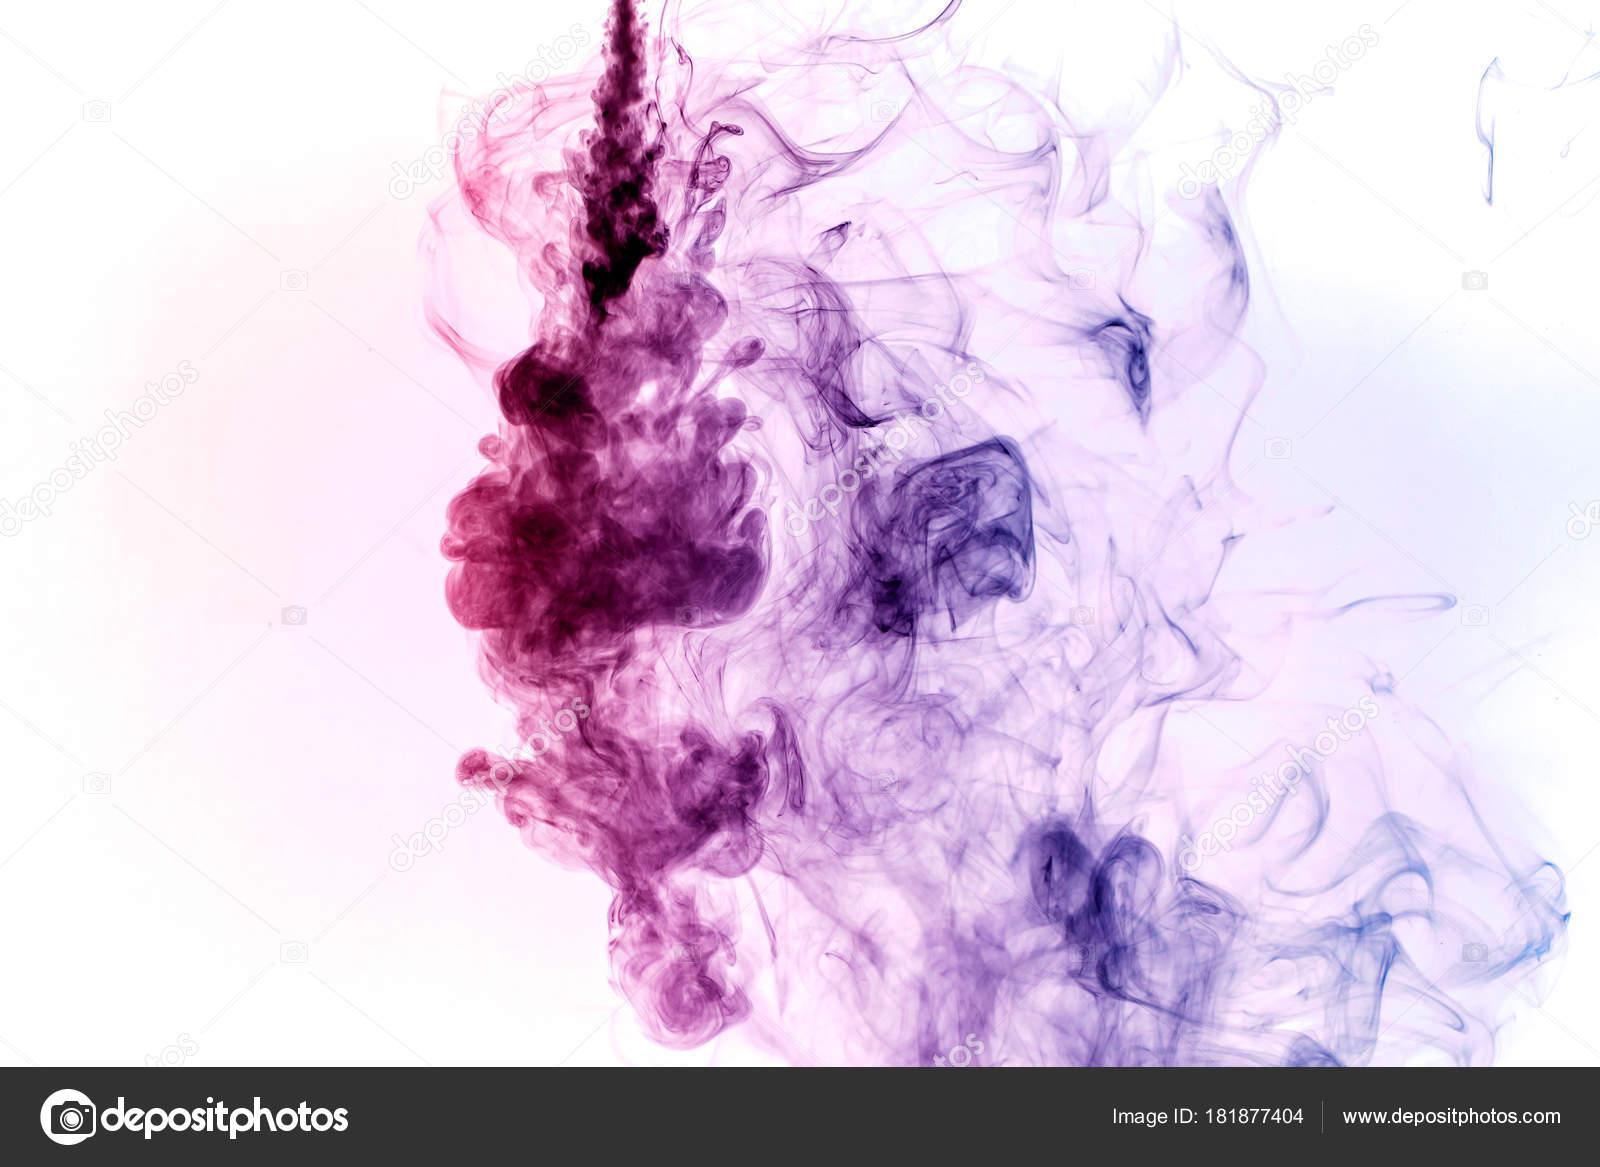 Fialová rtěnka kouření